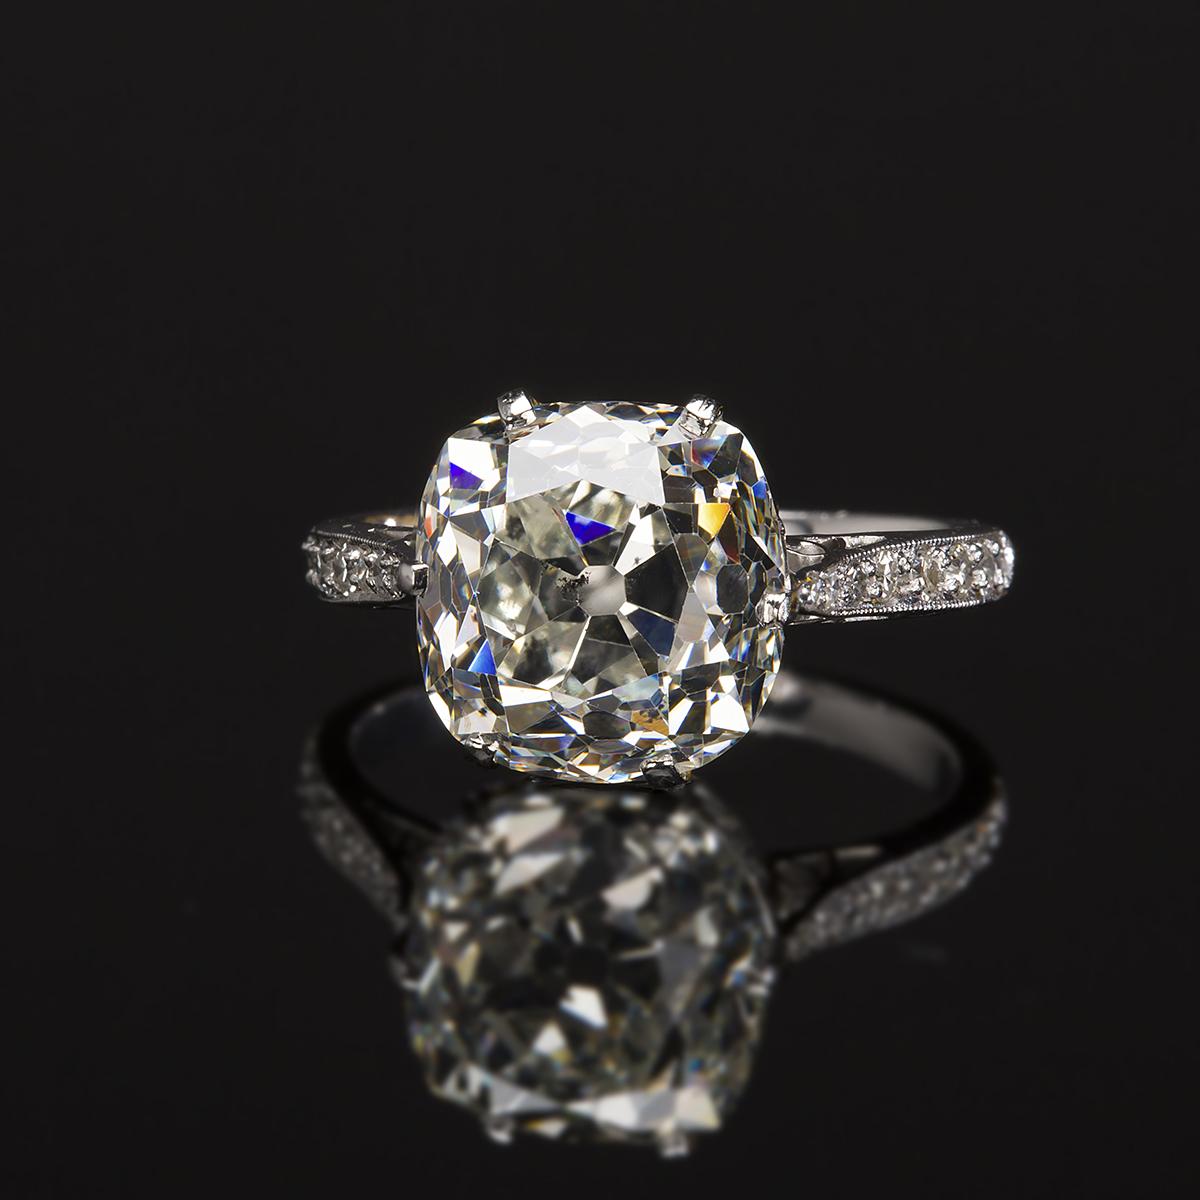 Antique Jewelry Philadelphia Estate Jewelry Philadelphia and